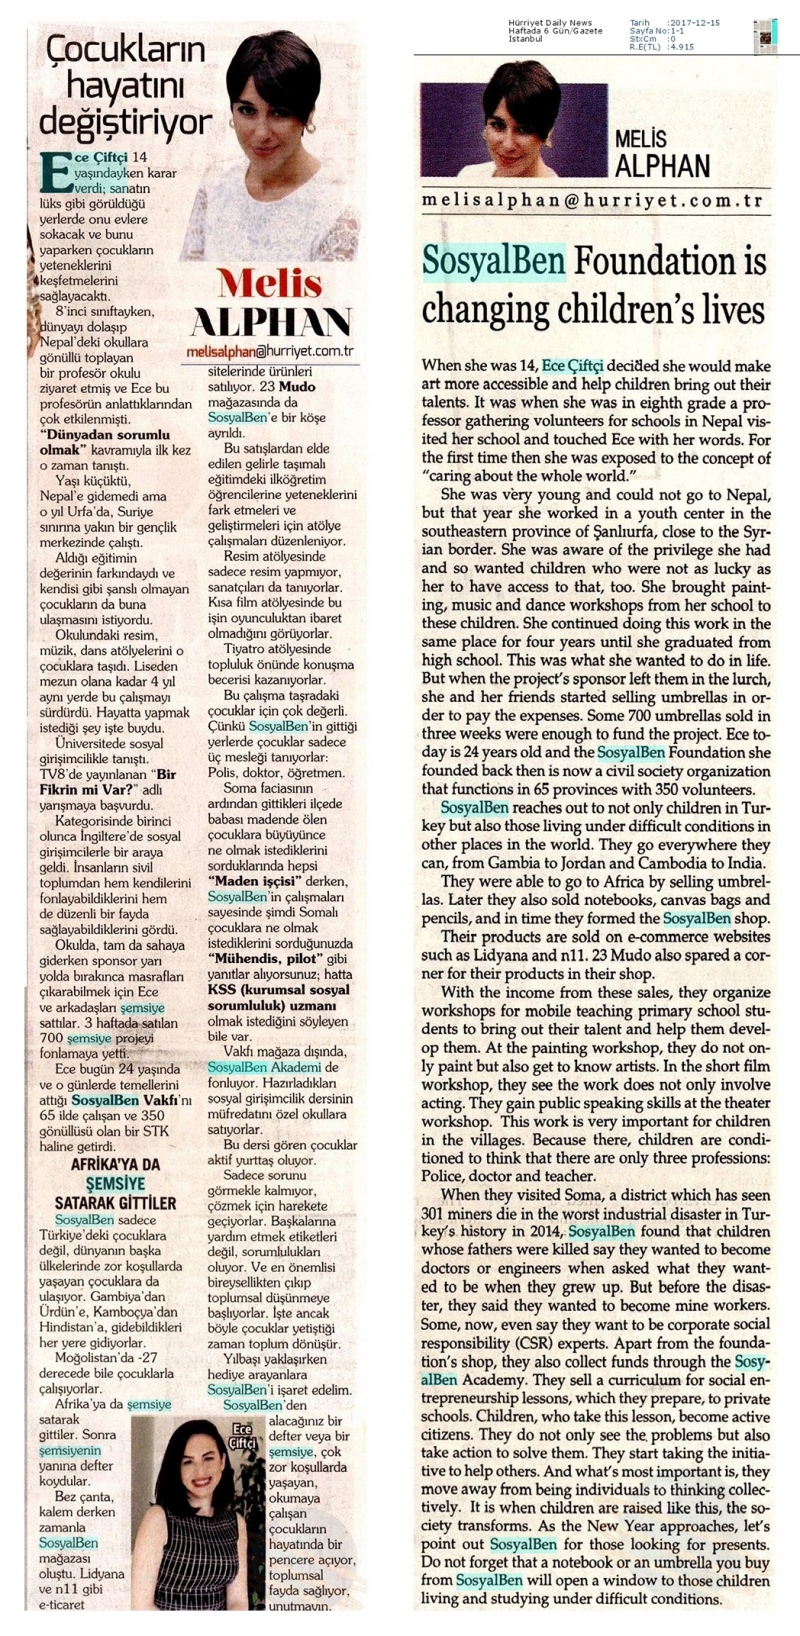 Hürriyet Daily News Küpür - Melis